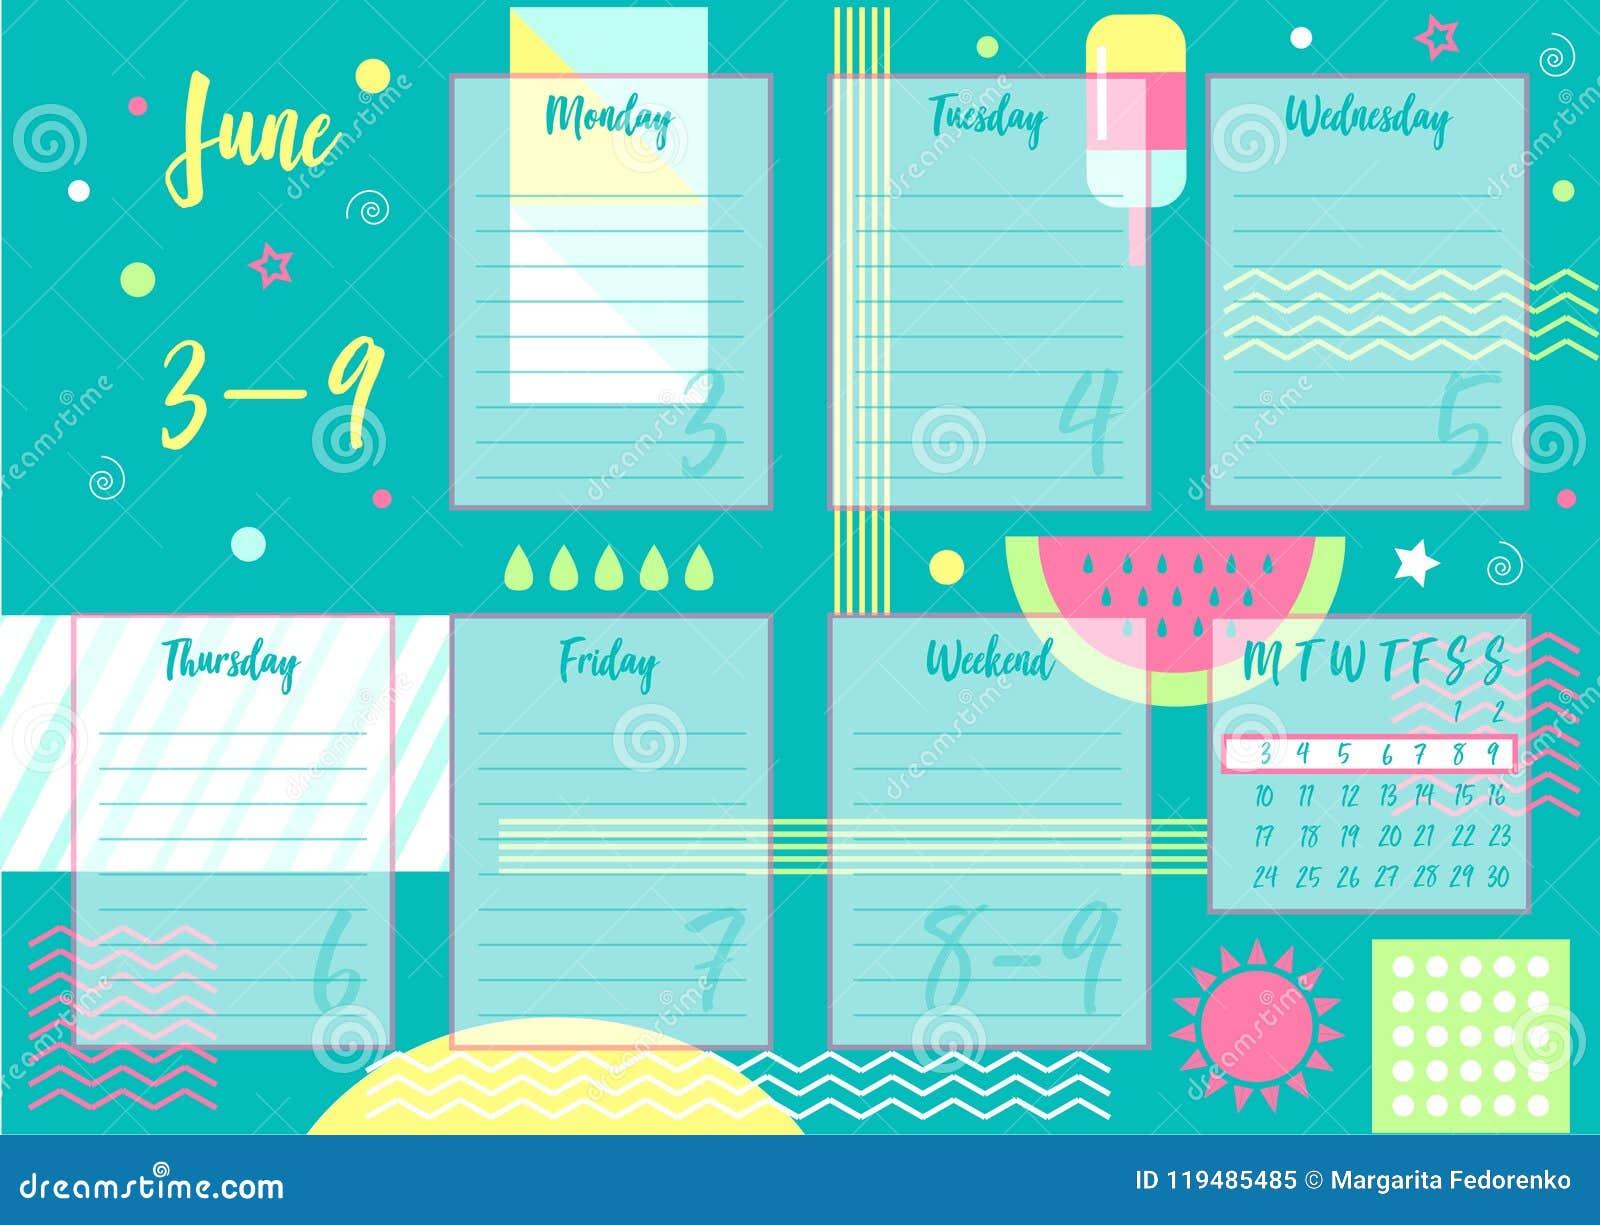 Pagina Calendario Settimanale.Giugno 2019 Pianificatore Settimanale Illustrazione